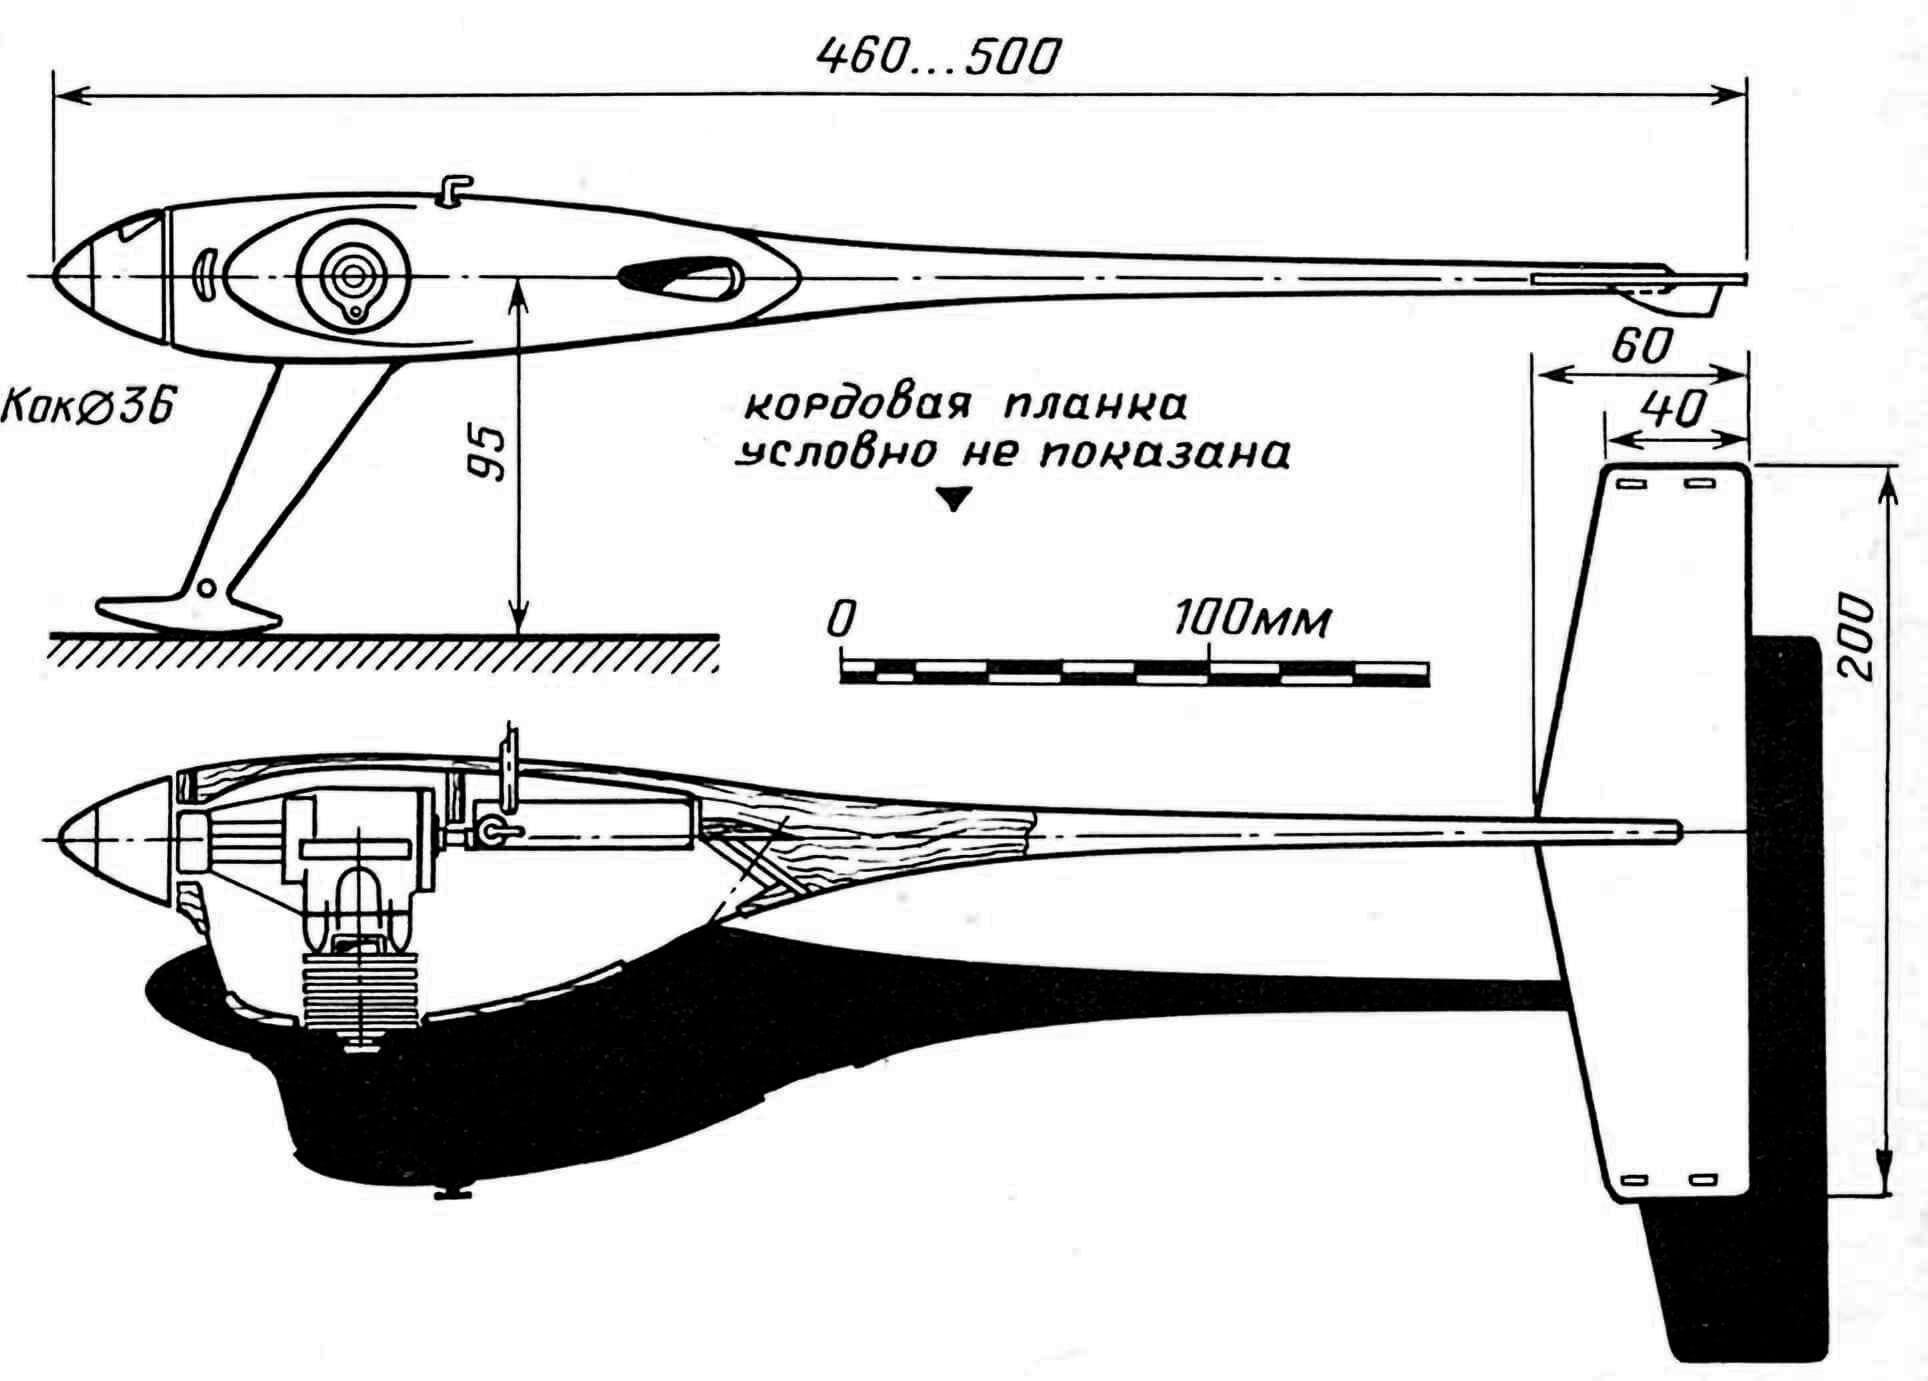 Рис.1. Компоновочная схема кордовой гоночной модели аэросаней с микродвигателем рабочим объемом 2,5 см3.